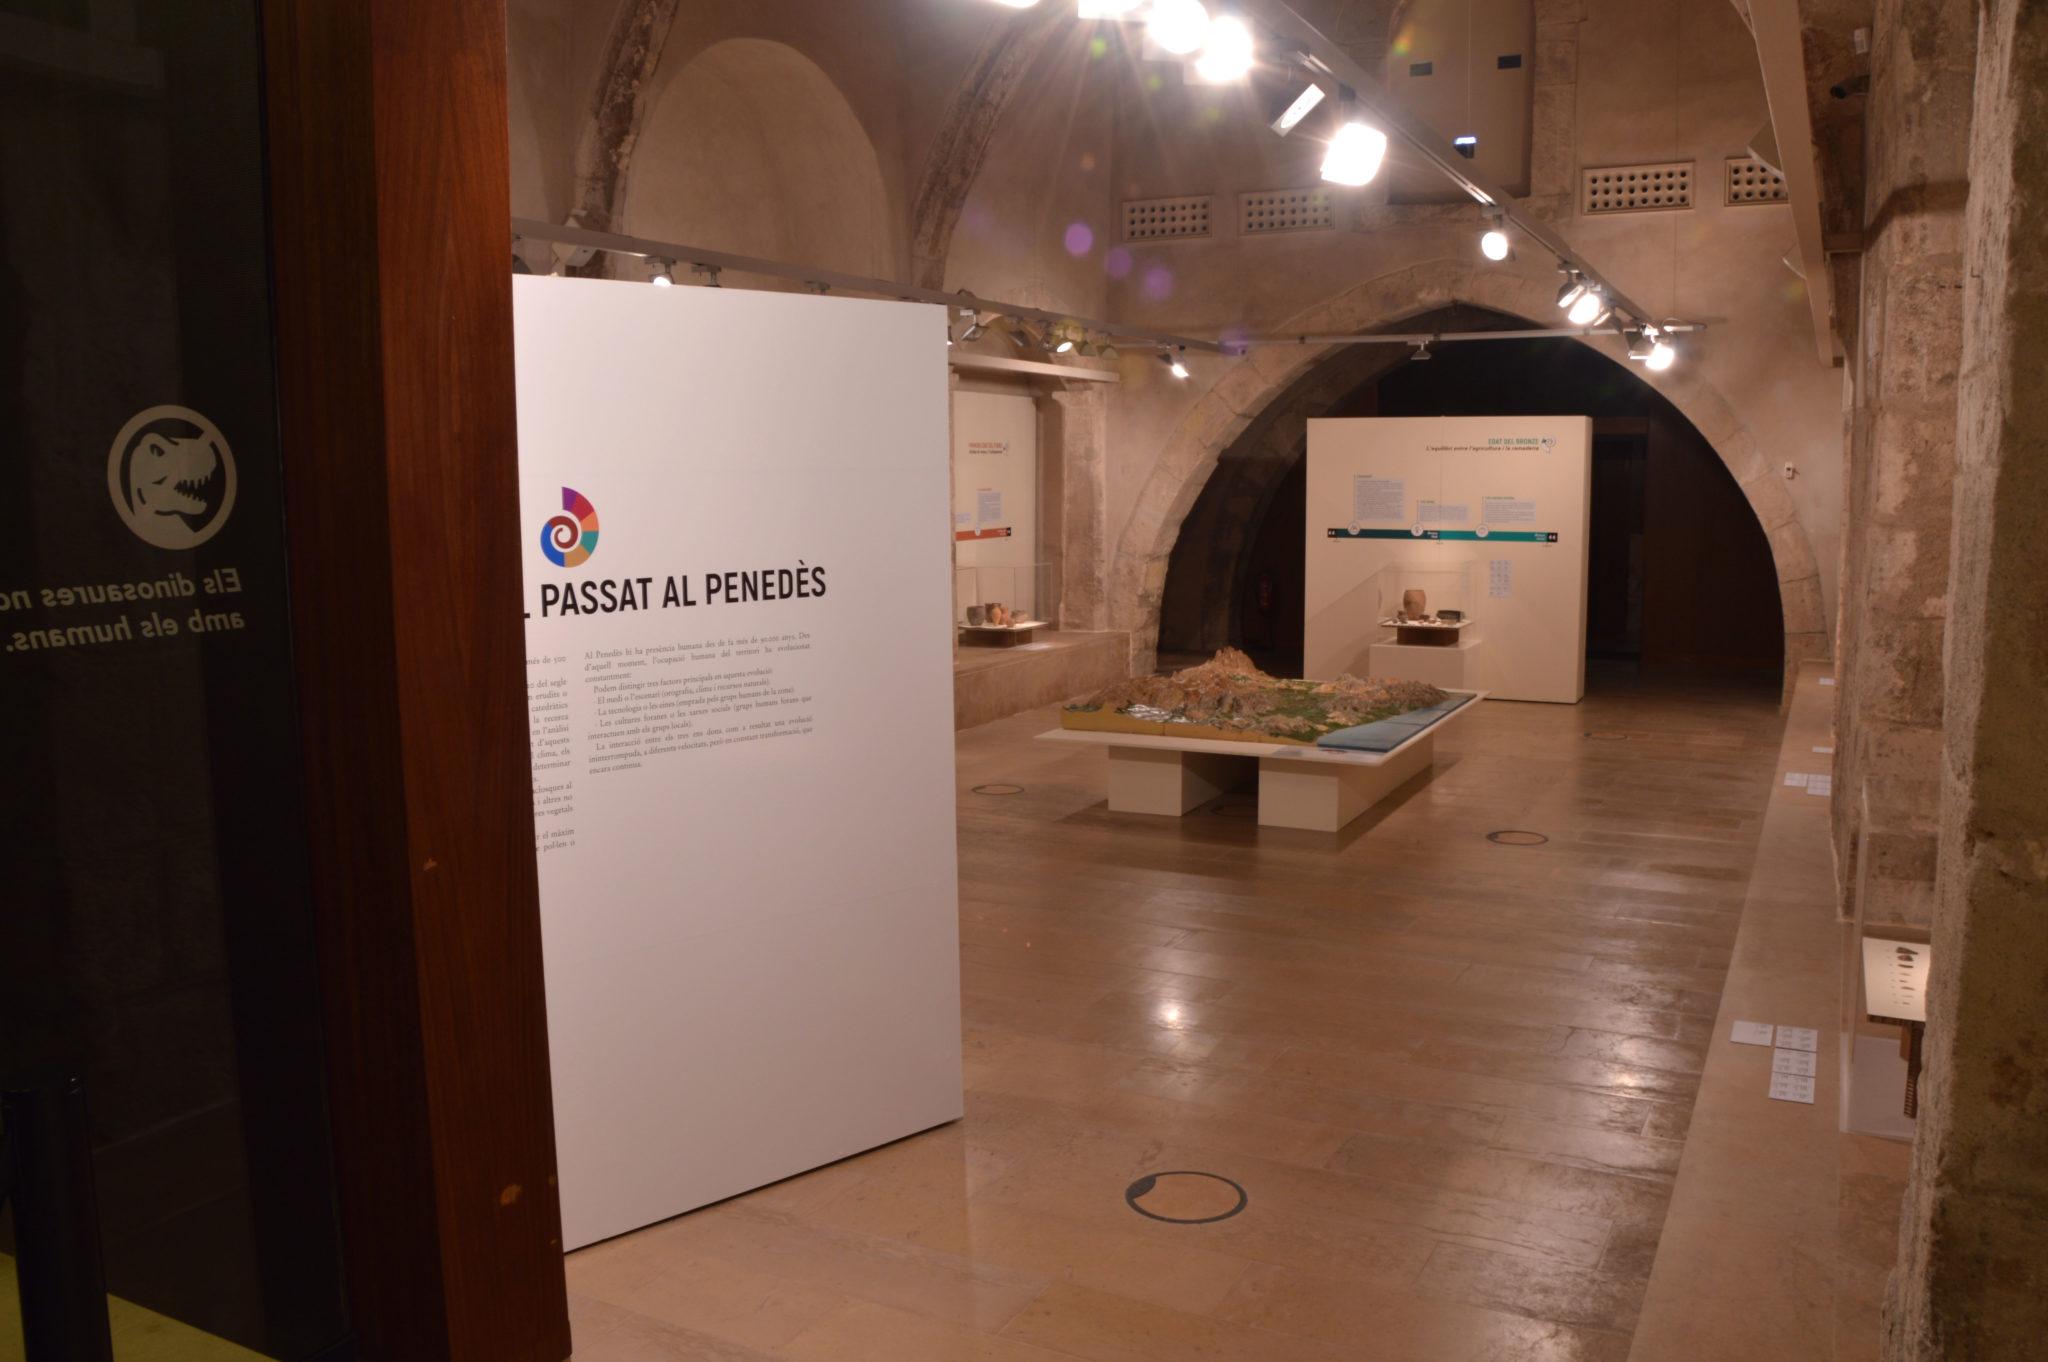 Abans de la Vinya Angels Pinyol E - ABANS DE LA VINYA - Exposició sobre la història de la Vinya del Penedès